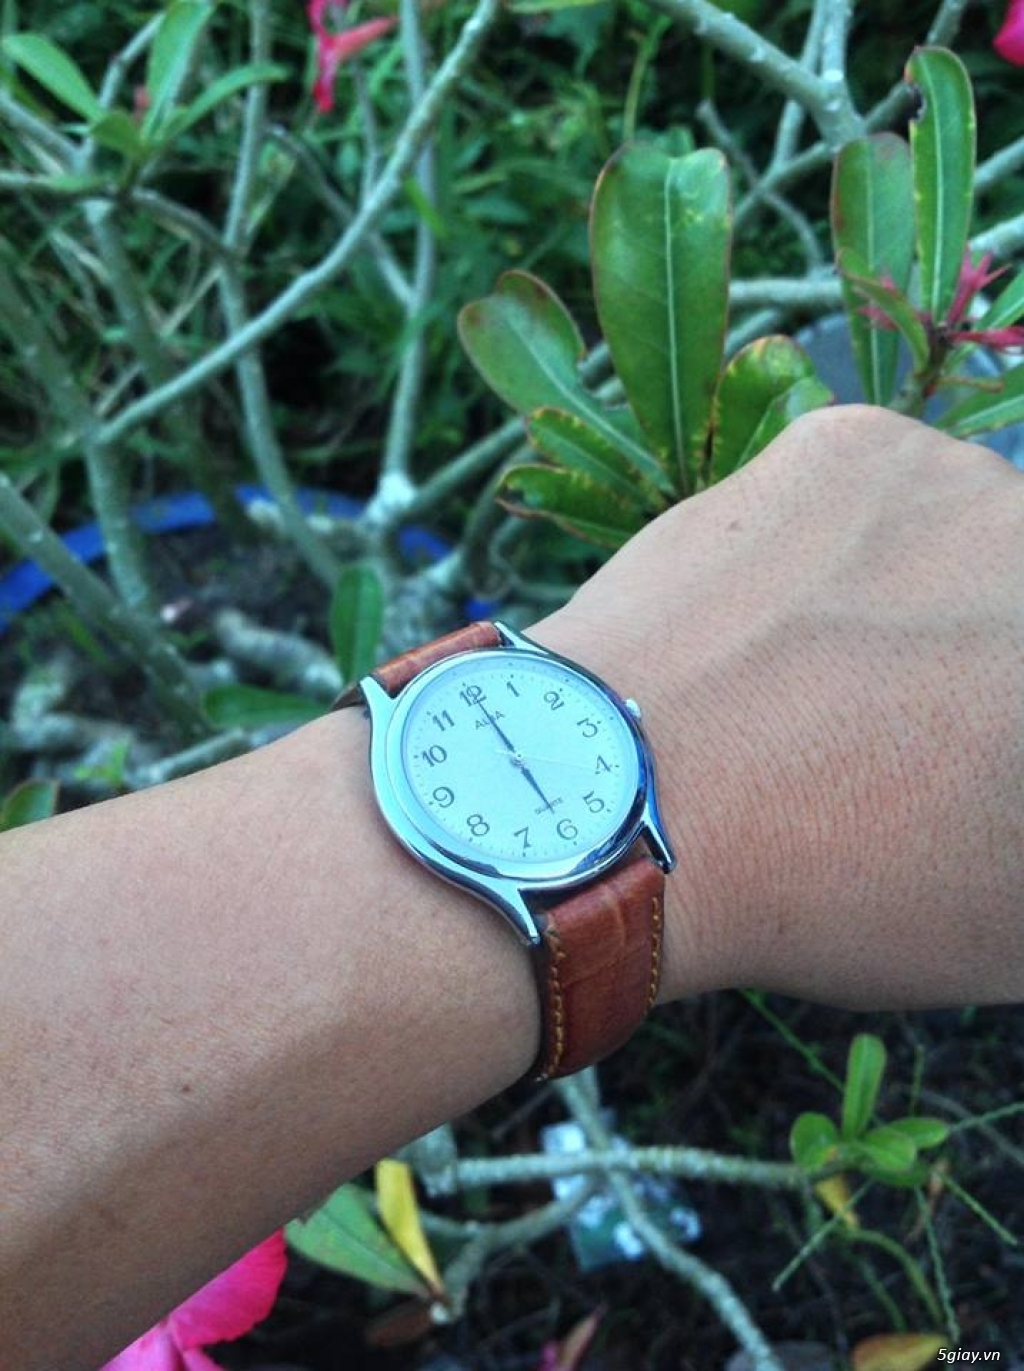 Đồng hồ Secondhand Japan, Thụy Sĩ (update thường xuyên) - 34